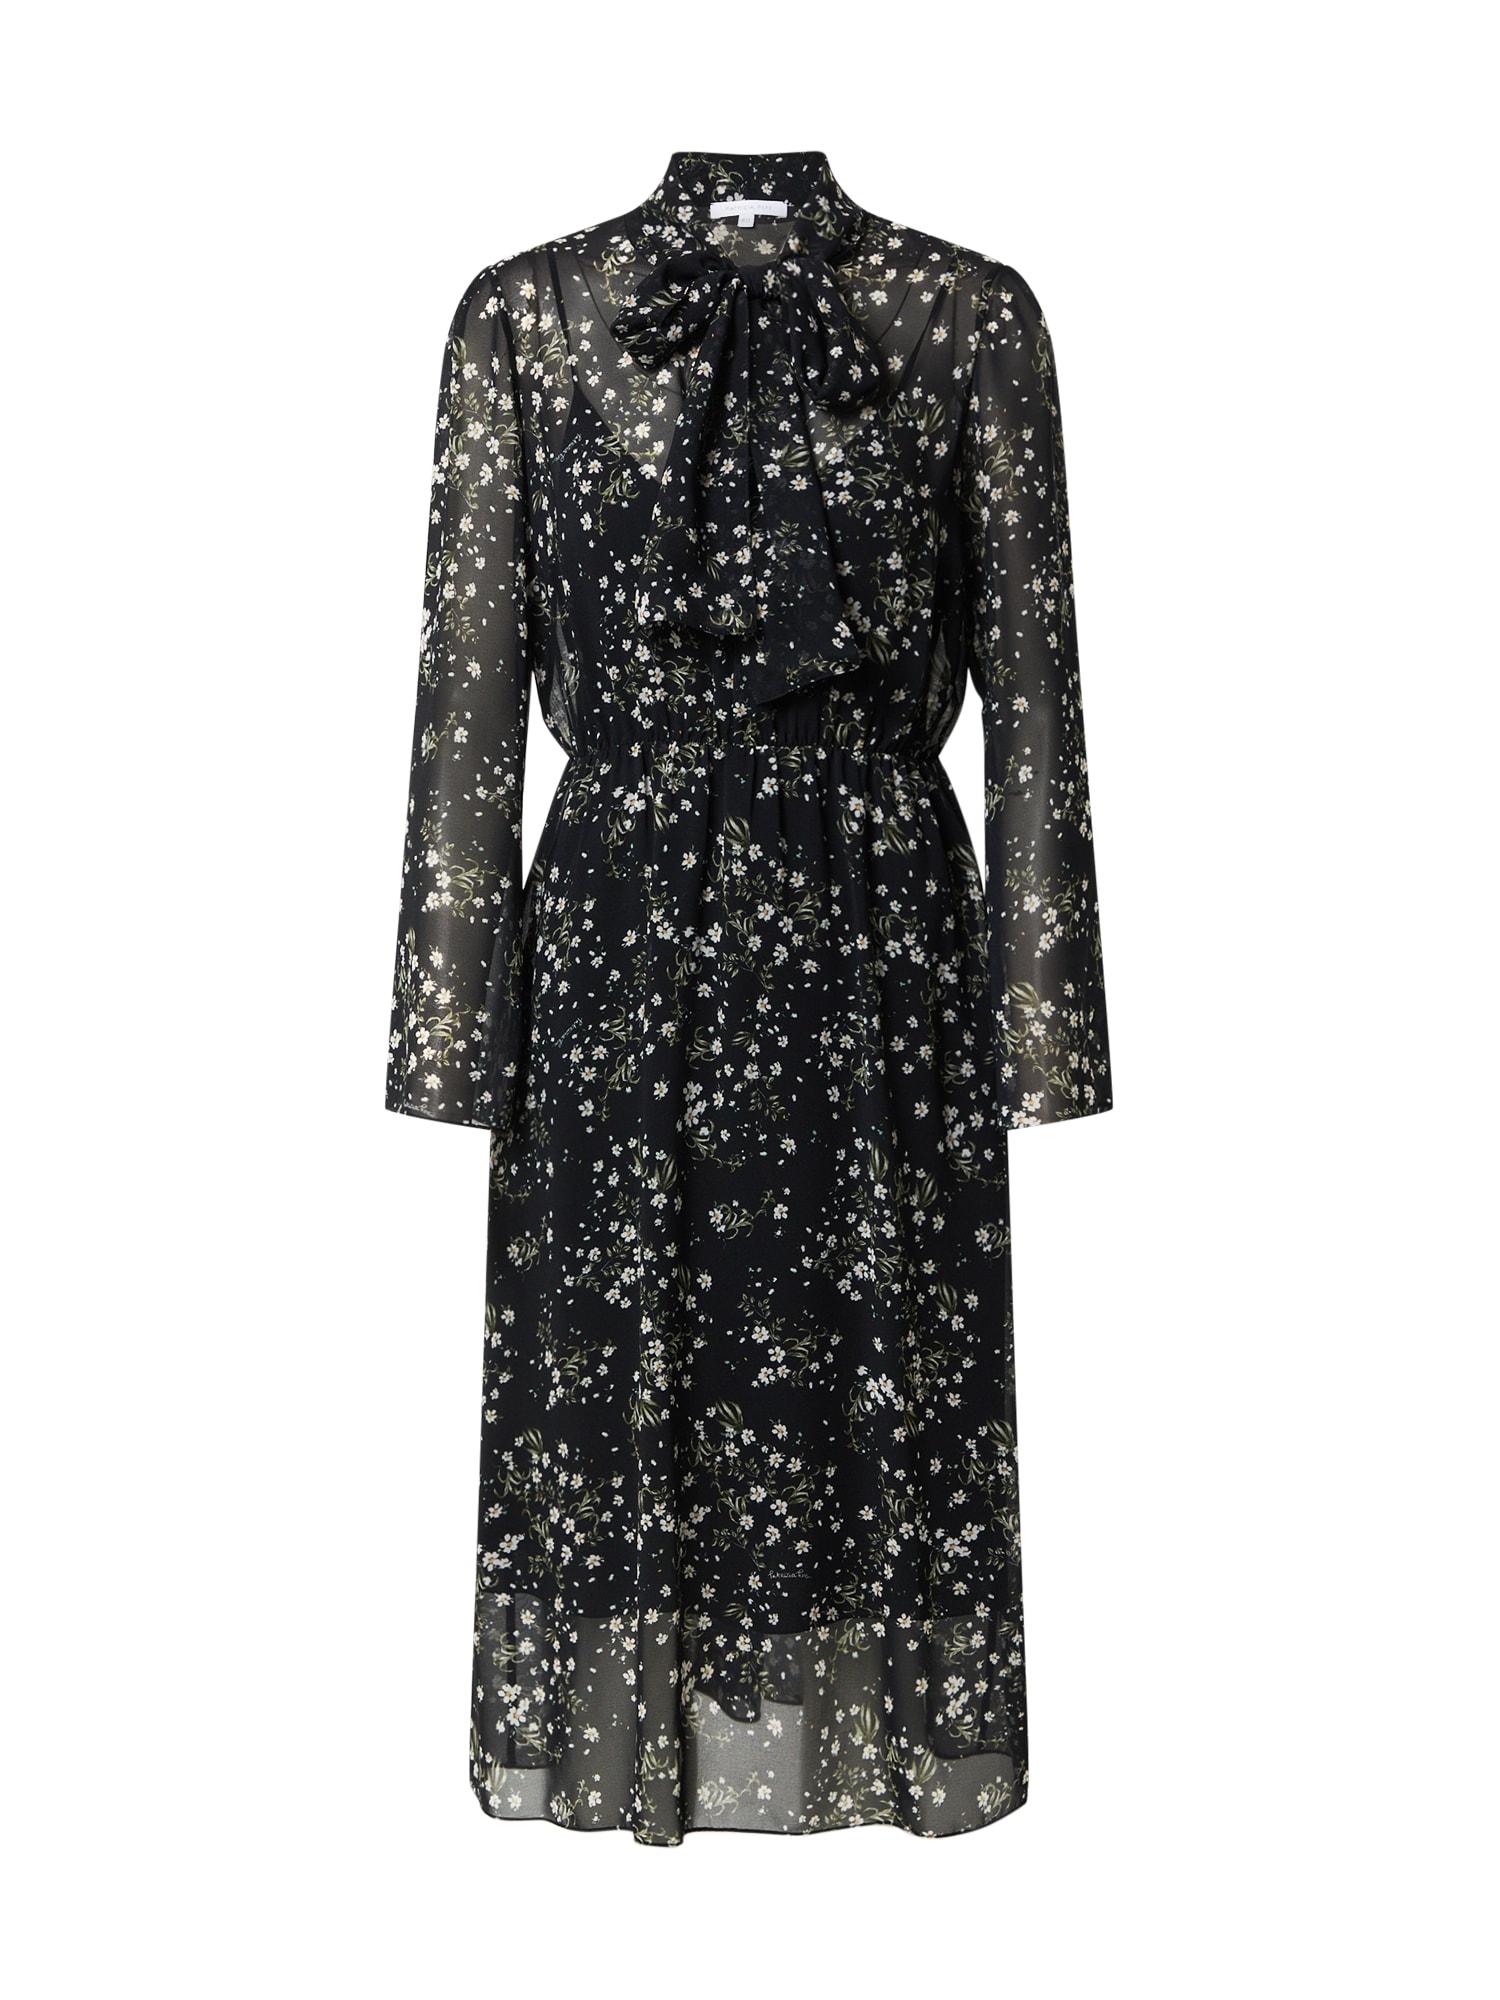 PATRIZIA PEPE Suknelė juoda / žalia / balta / geltona